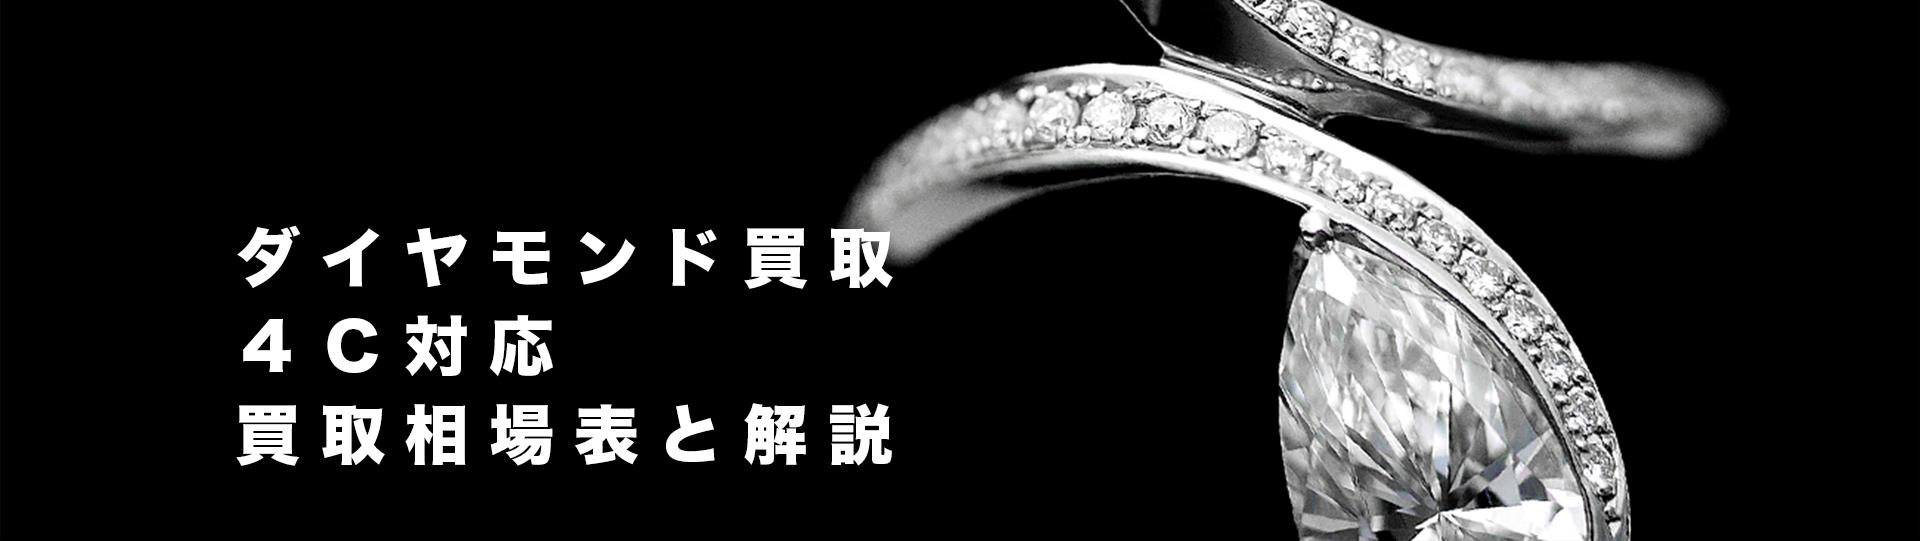 ダイヤモンド買取 4C対応 買取相場表と解説